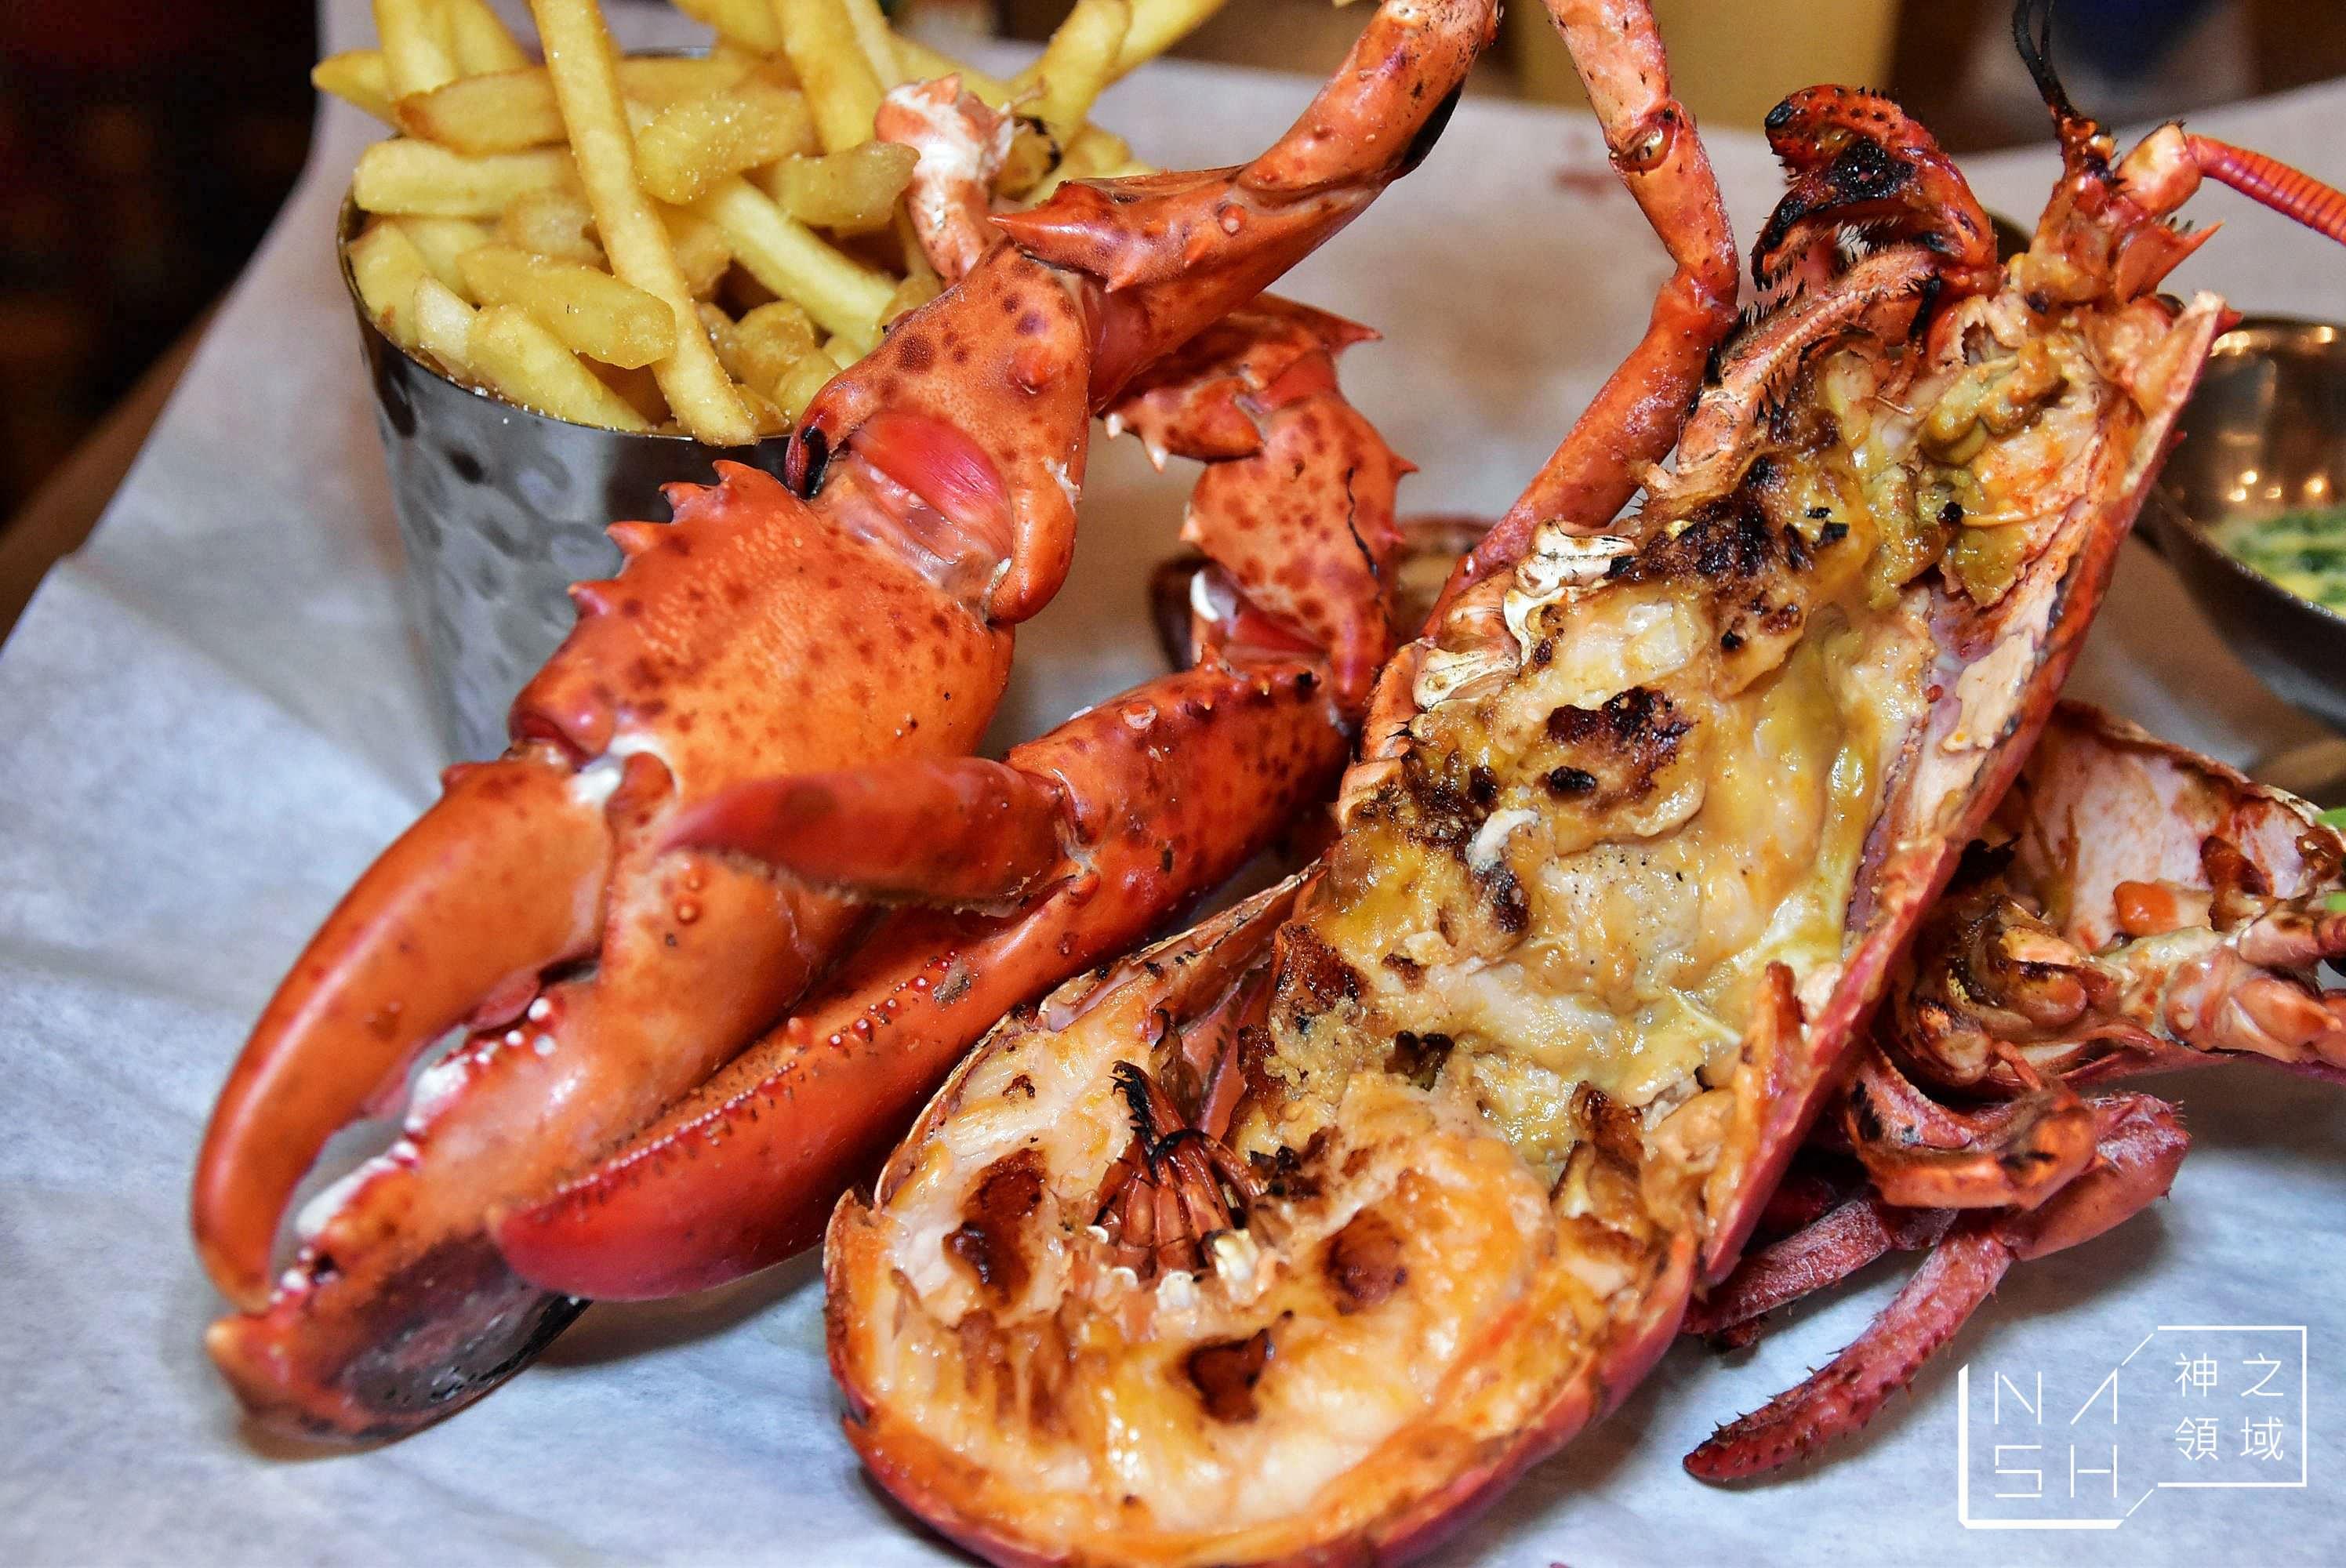 Burger & Lobster,倫敦美食推薦,倫敦必吃美食推薦,倫敦龍蝦 @Nash,神之領域